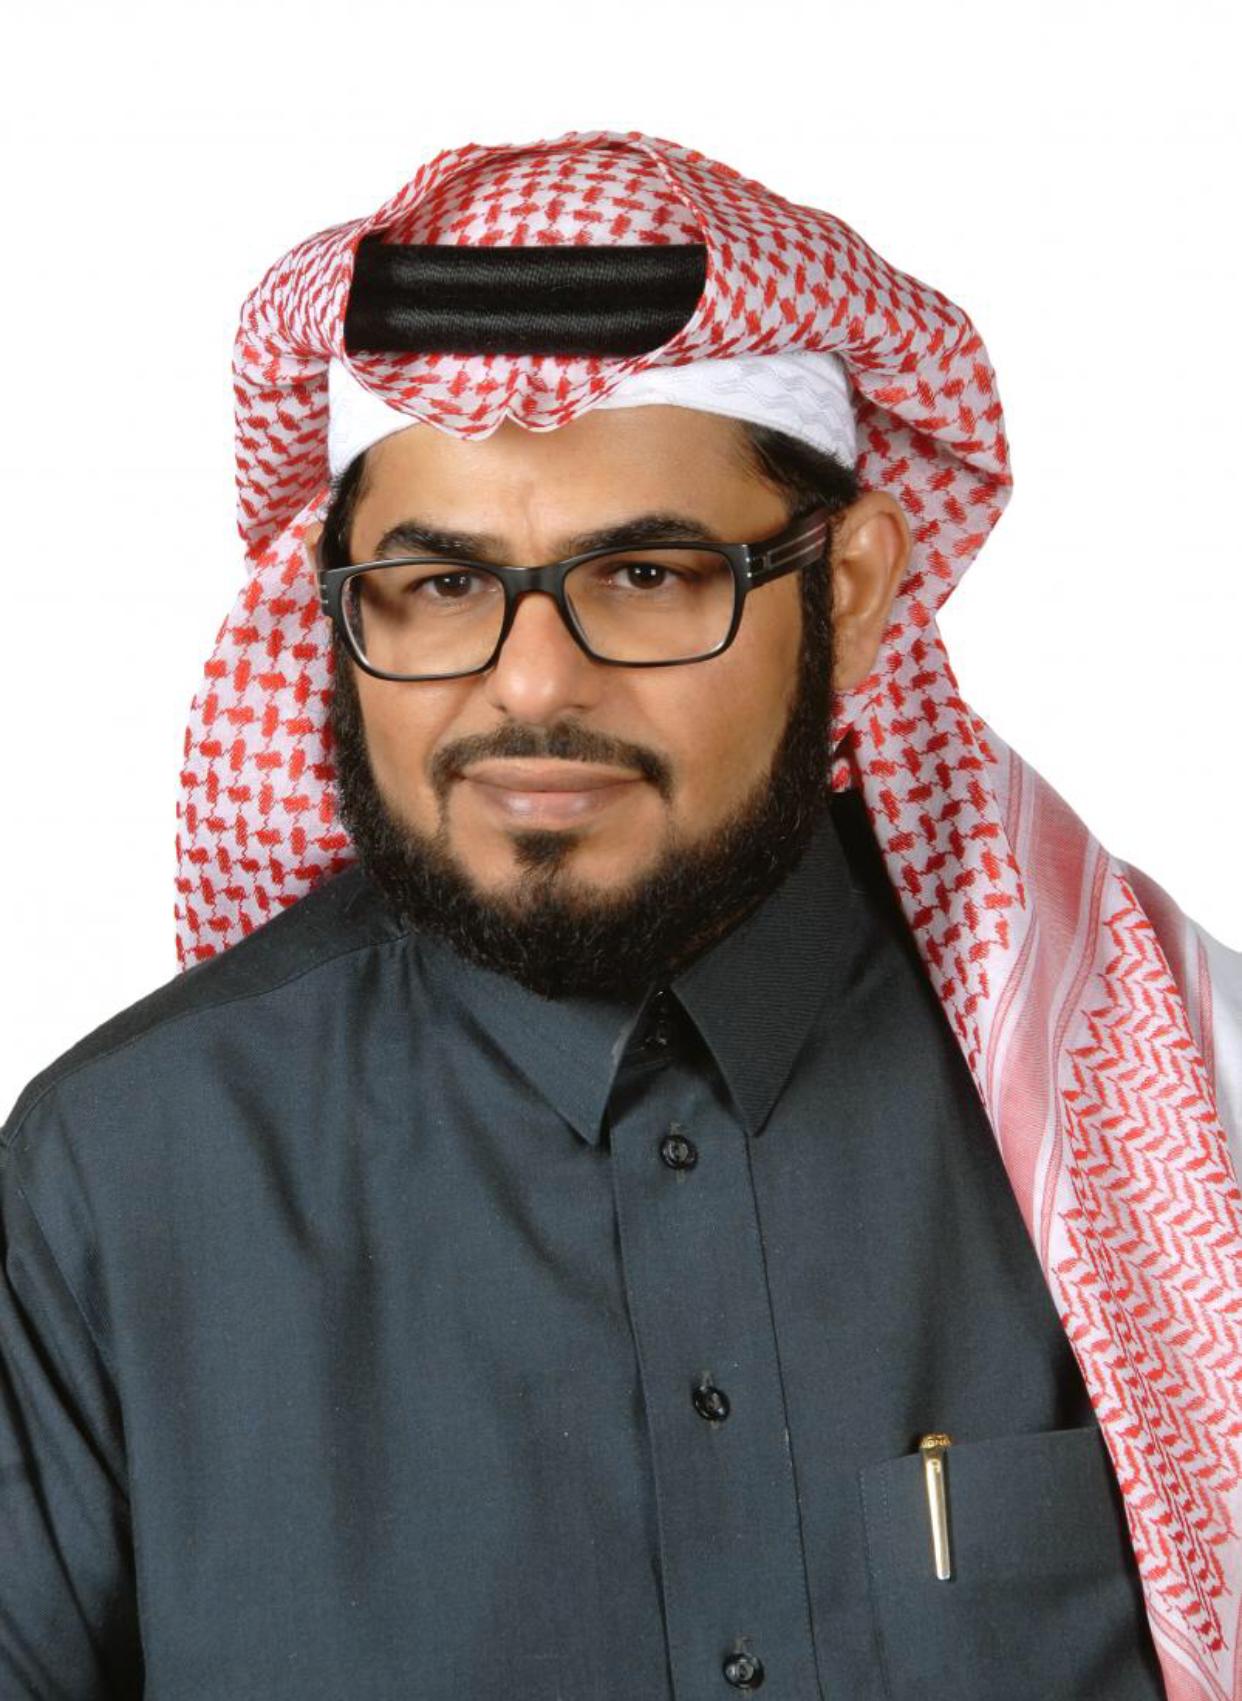 د. القريني مديراً لمركز البحوث بكلية التربية